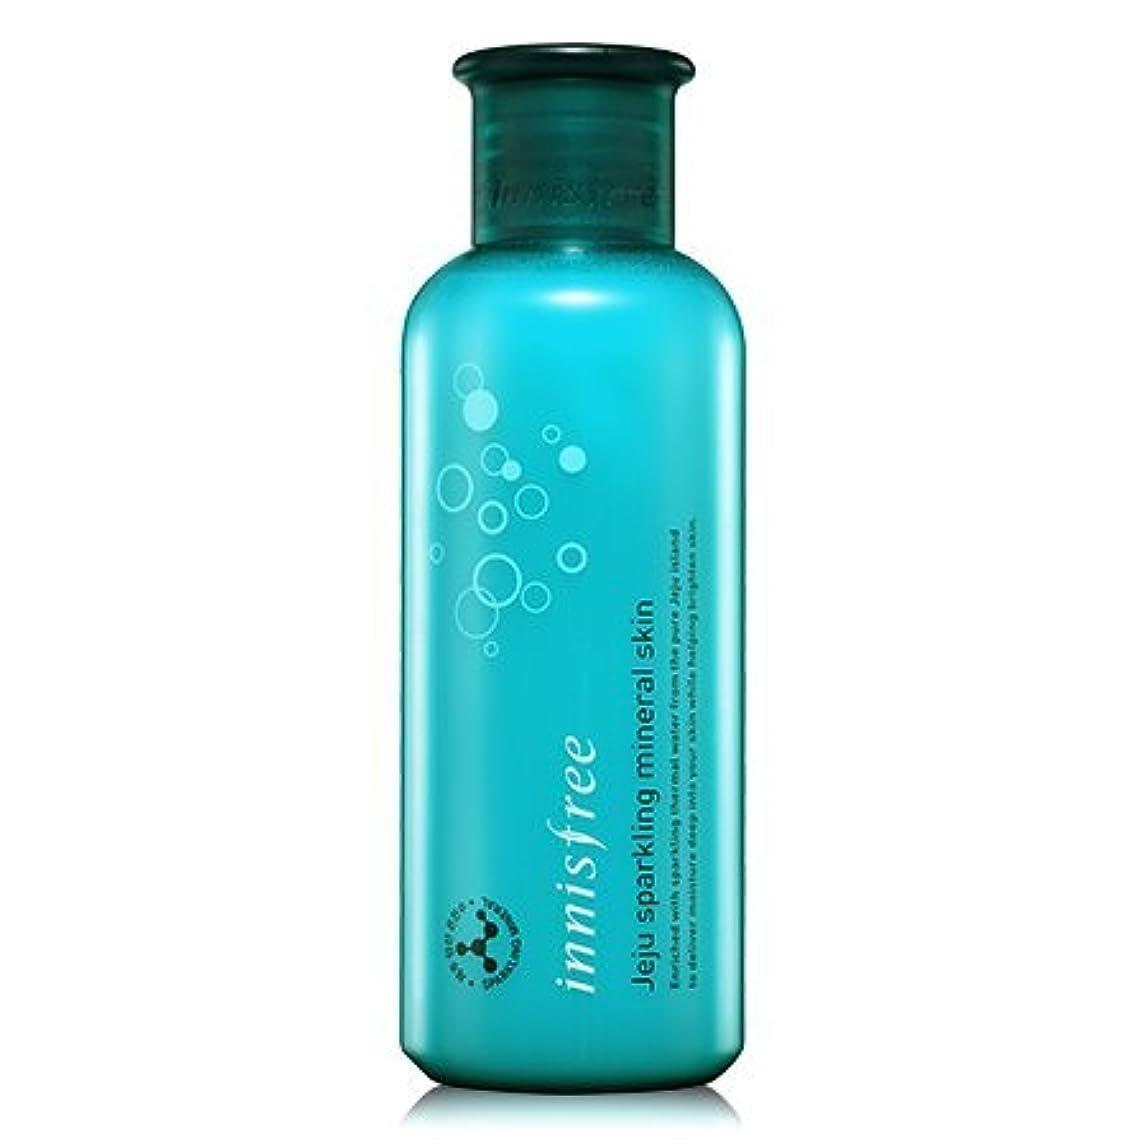 シネマ里親長いです[innisfree(イニスフリー)] Jeju sparkling mineral skin (200ml) 済州 スパークリング ミネラル スキン [並行輸入品][海外直送品]